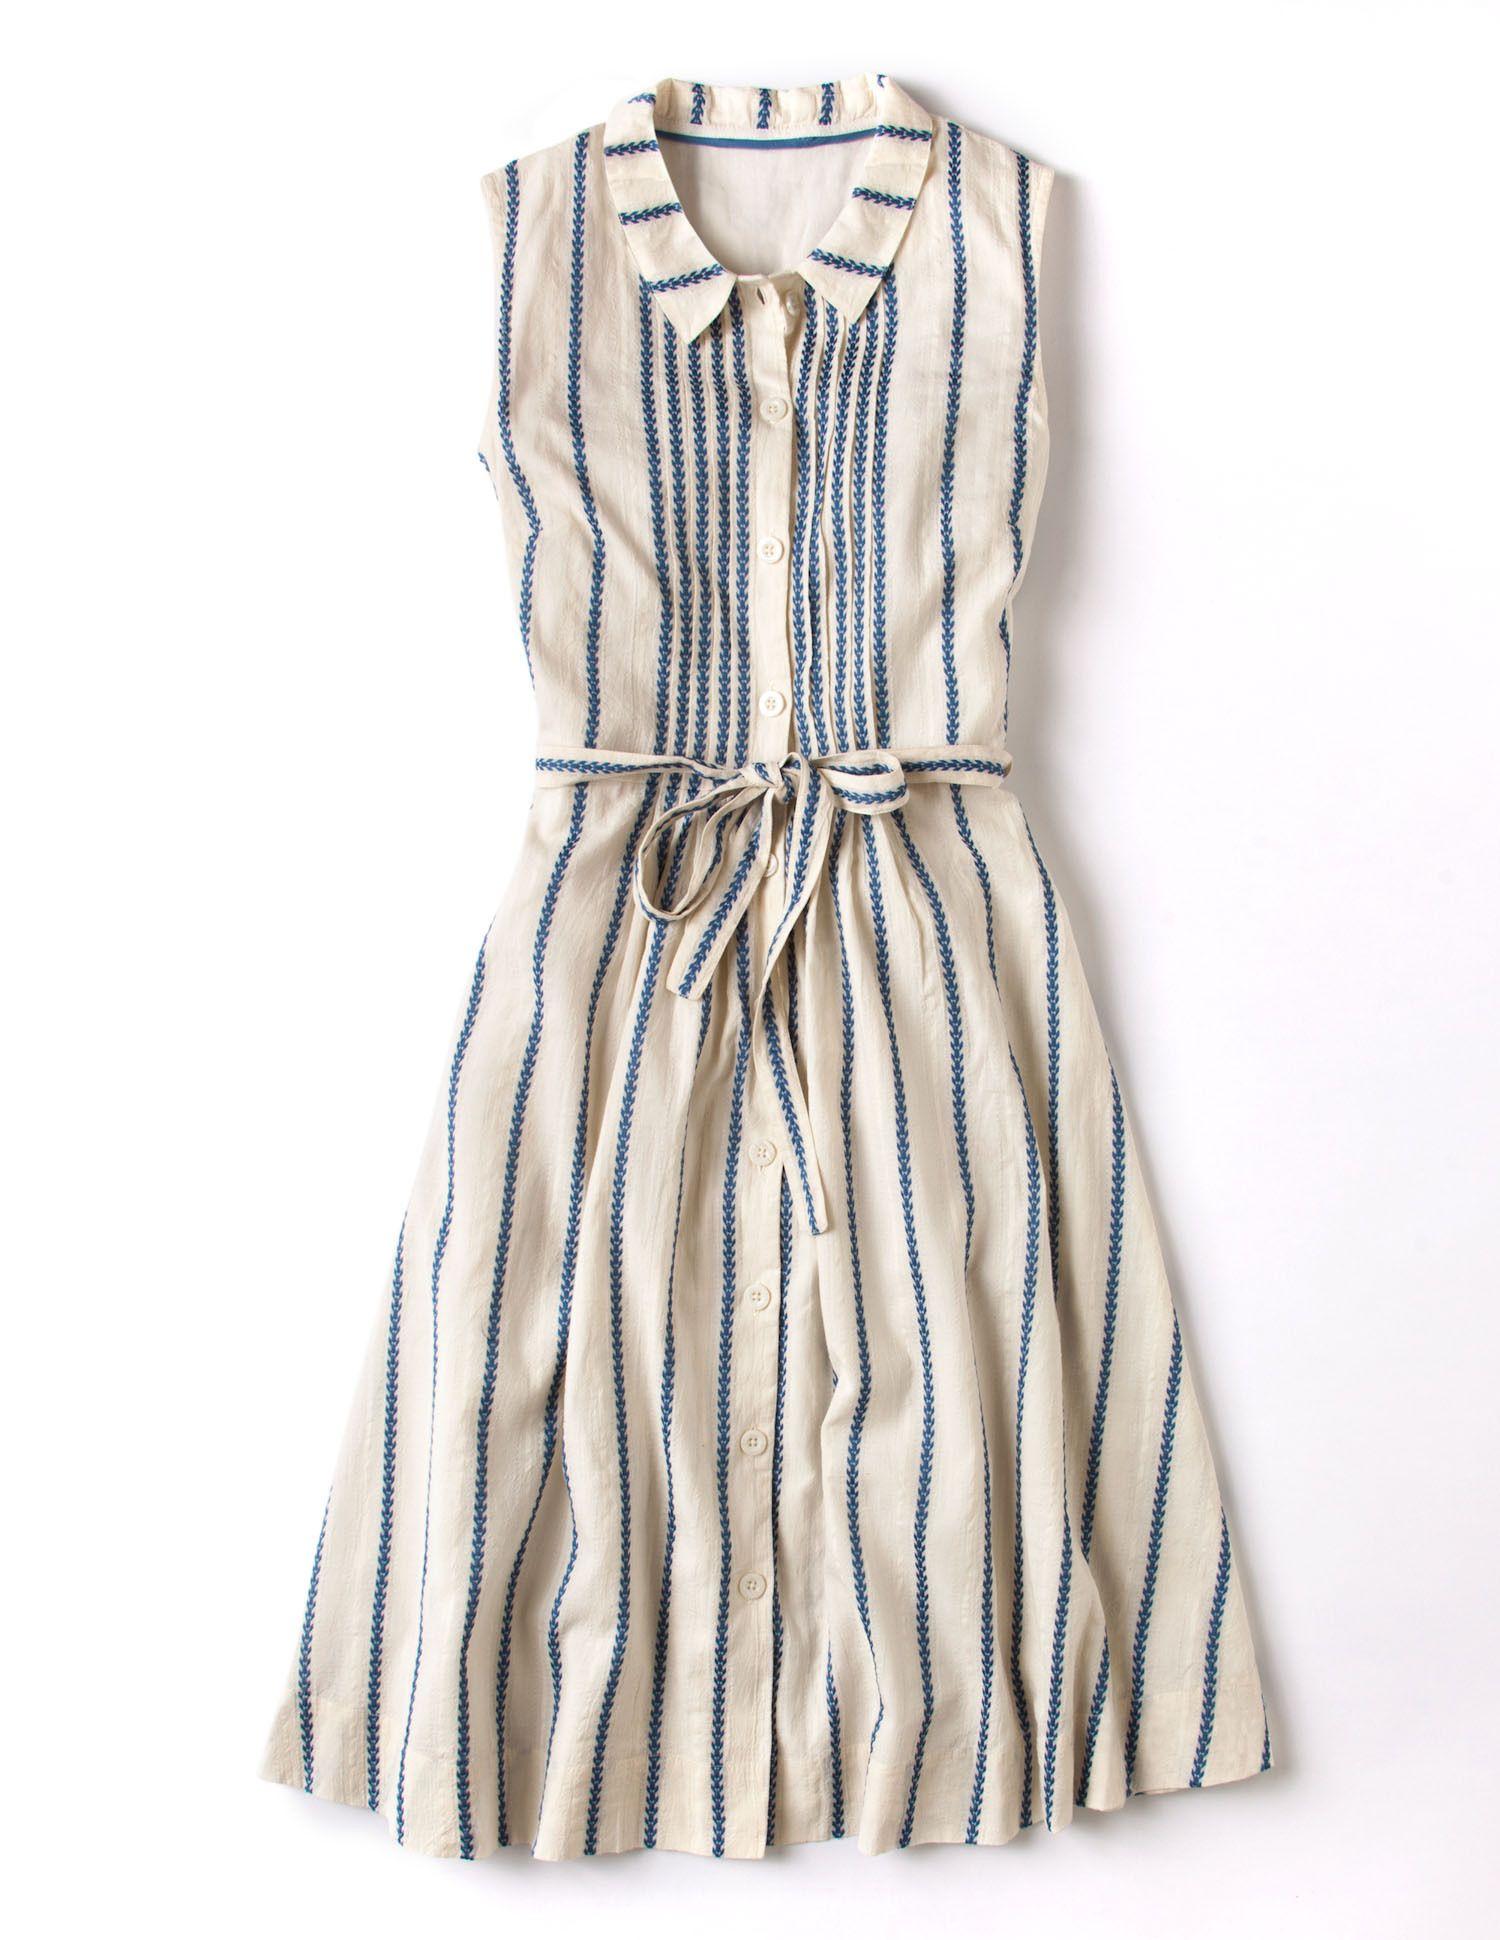 cuutttee.http://www.boden.co.uk/en-GB/Womens-Dresses/Smart-Day-Dresses/WH639-DEN/Womens-Denim-Monte-Carlo-Dress.html